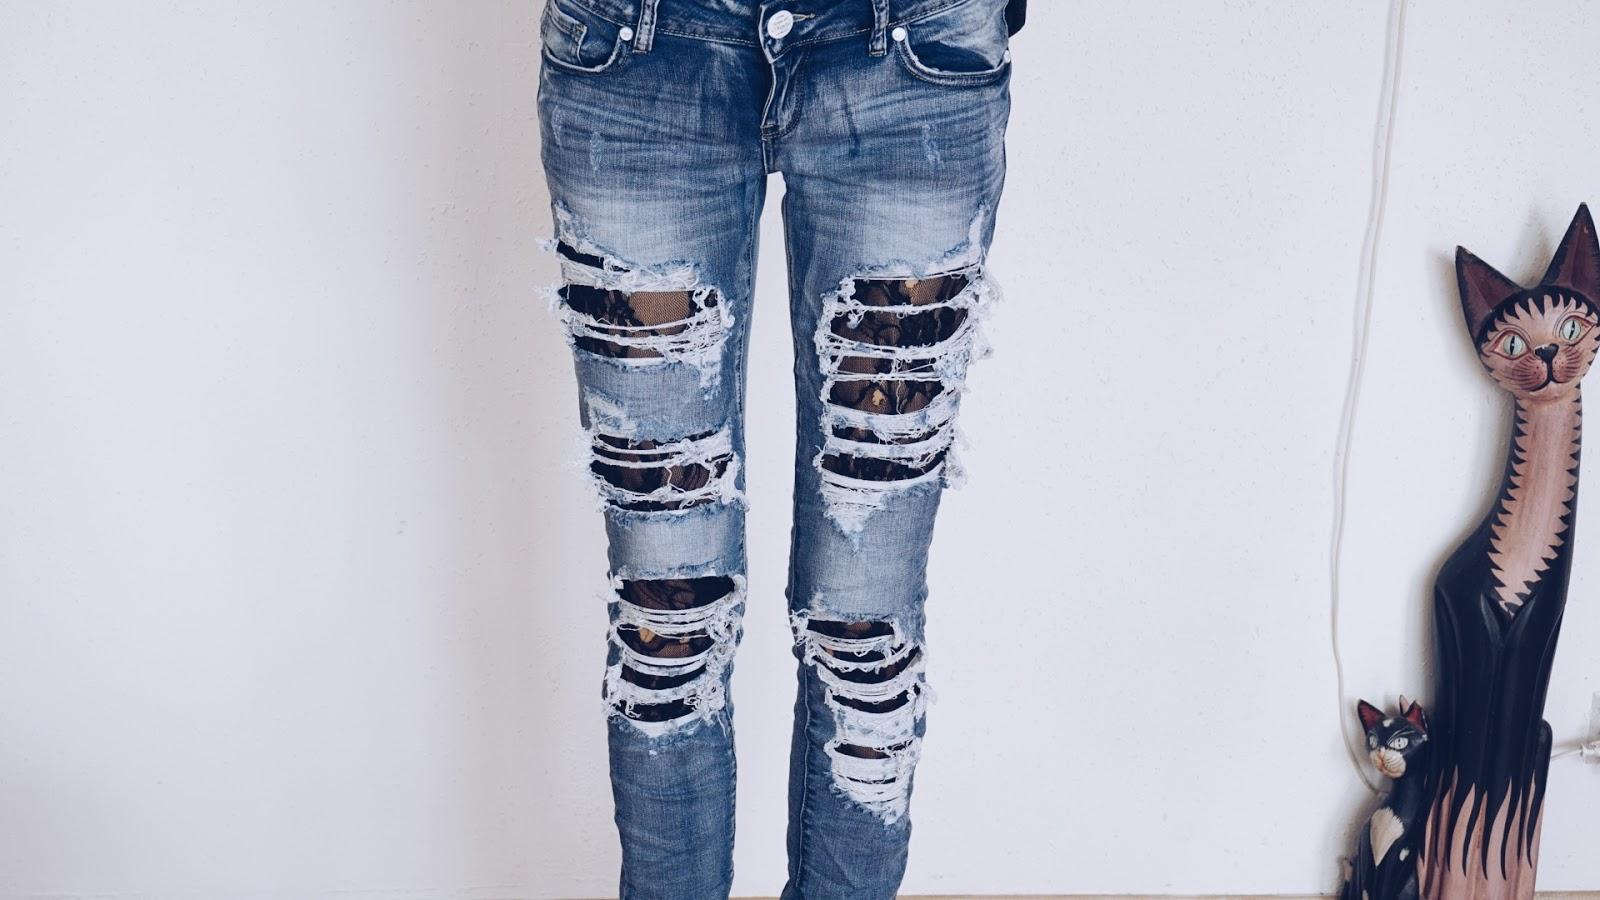 29.3.2016    Pro dnešek jsem si pro vás připravila článek zaměřený na módu  online shopu Mary-fashion.cz. Především vám chci představit značku SHOKO dd95532858a